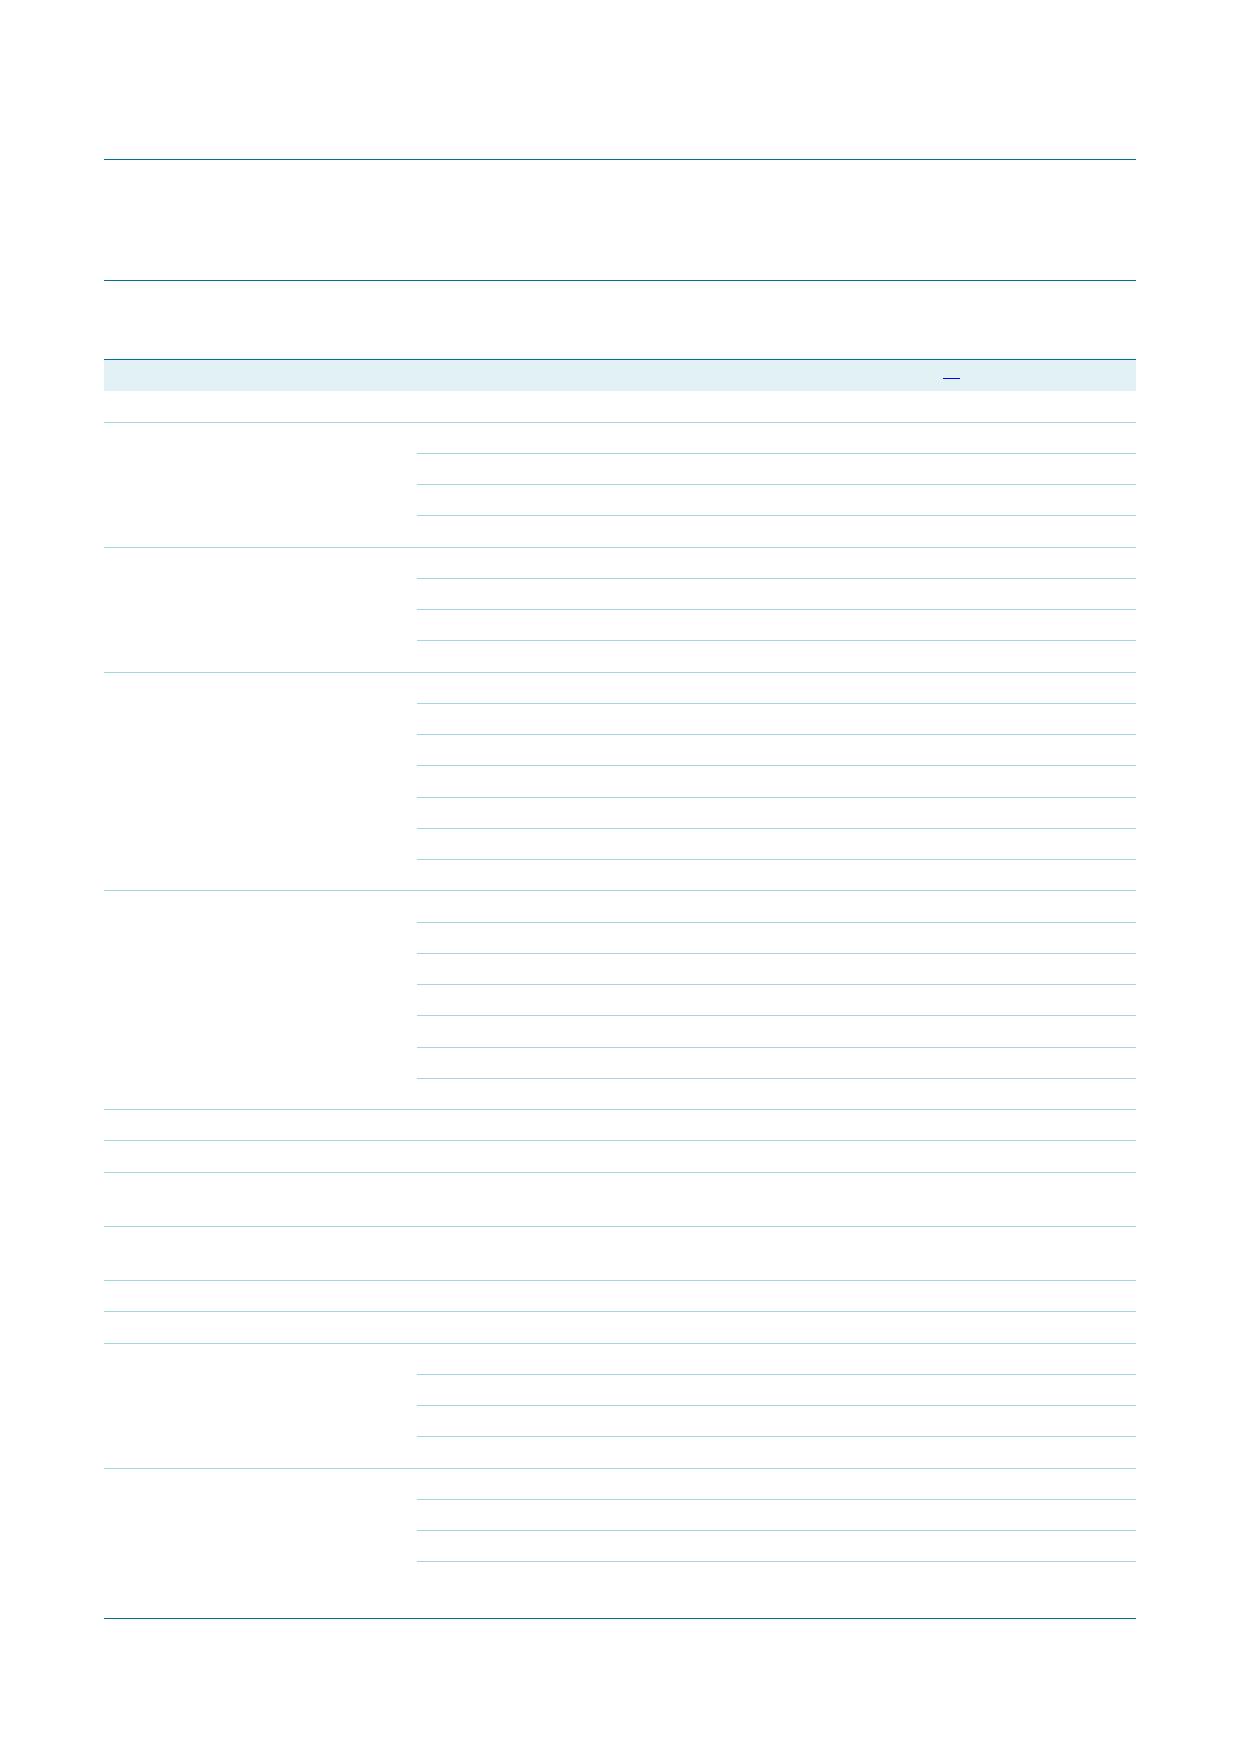 74LVC2G02 pdf